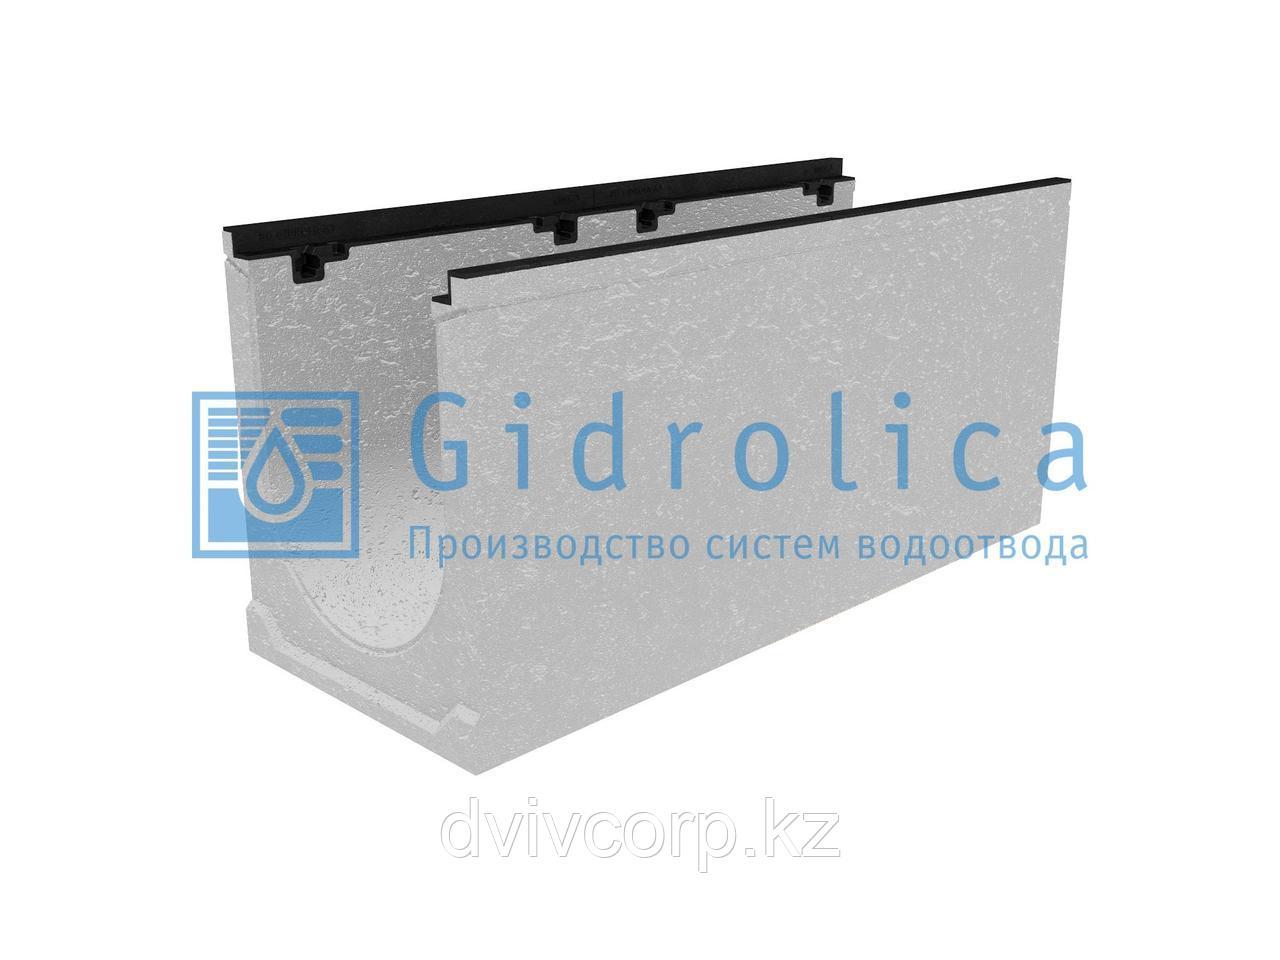 Лоток водоотводный бетонный коробчатый (СО-300мм), с чугунной насадкой  КU 100.39,9 (30).47(40) - BGZ-S, №